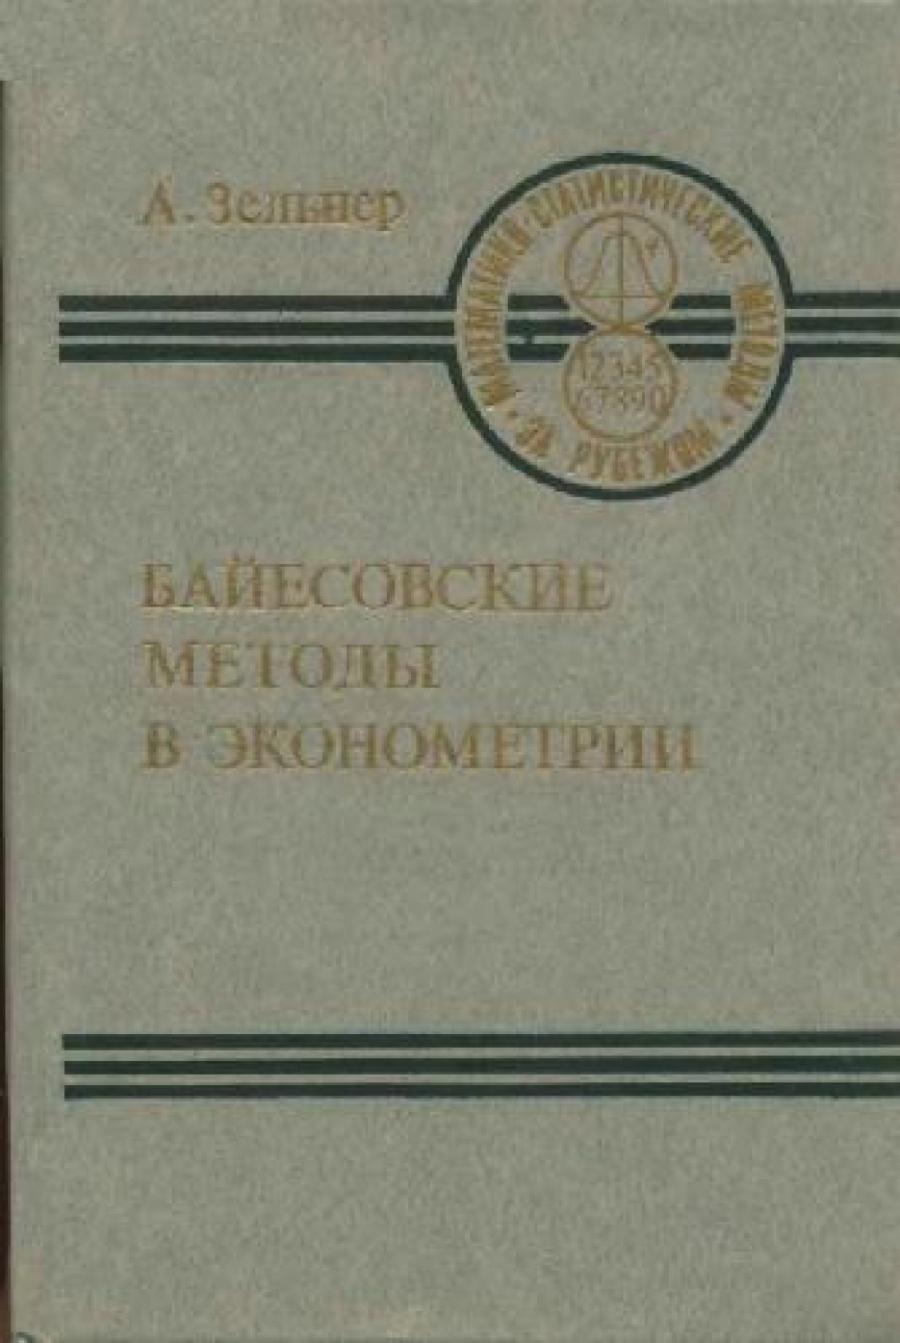 Обложка книги:  зельнер а. - байесовские методы в эконометрике